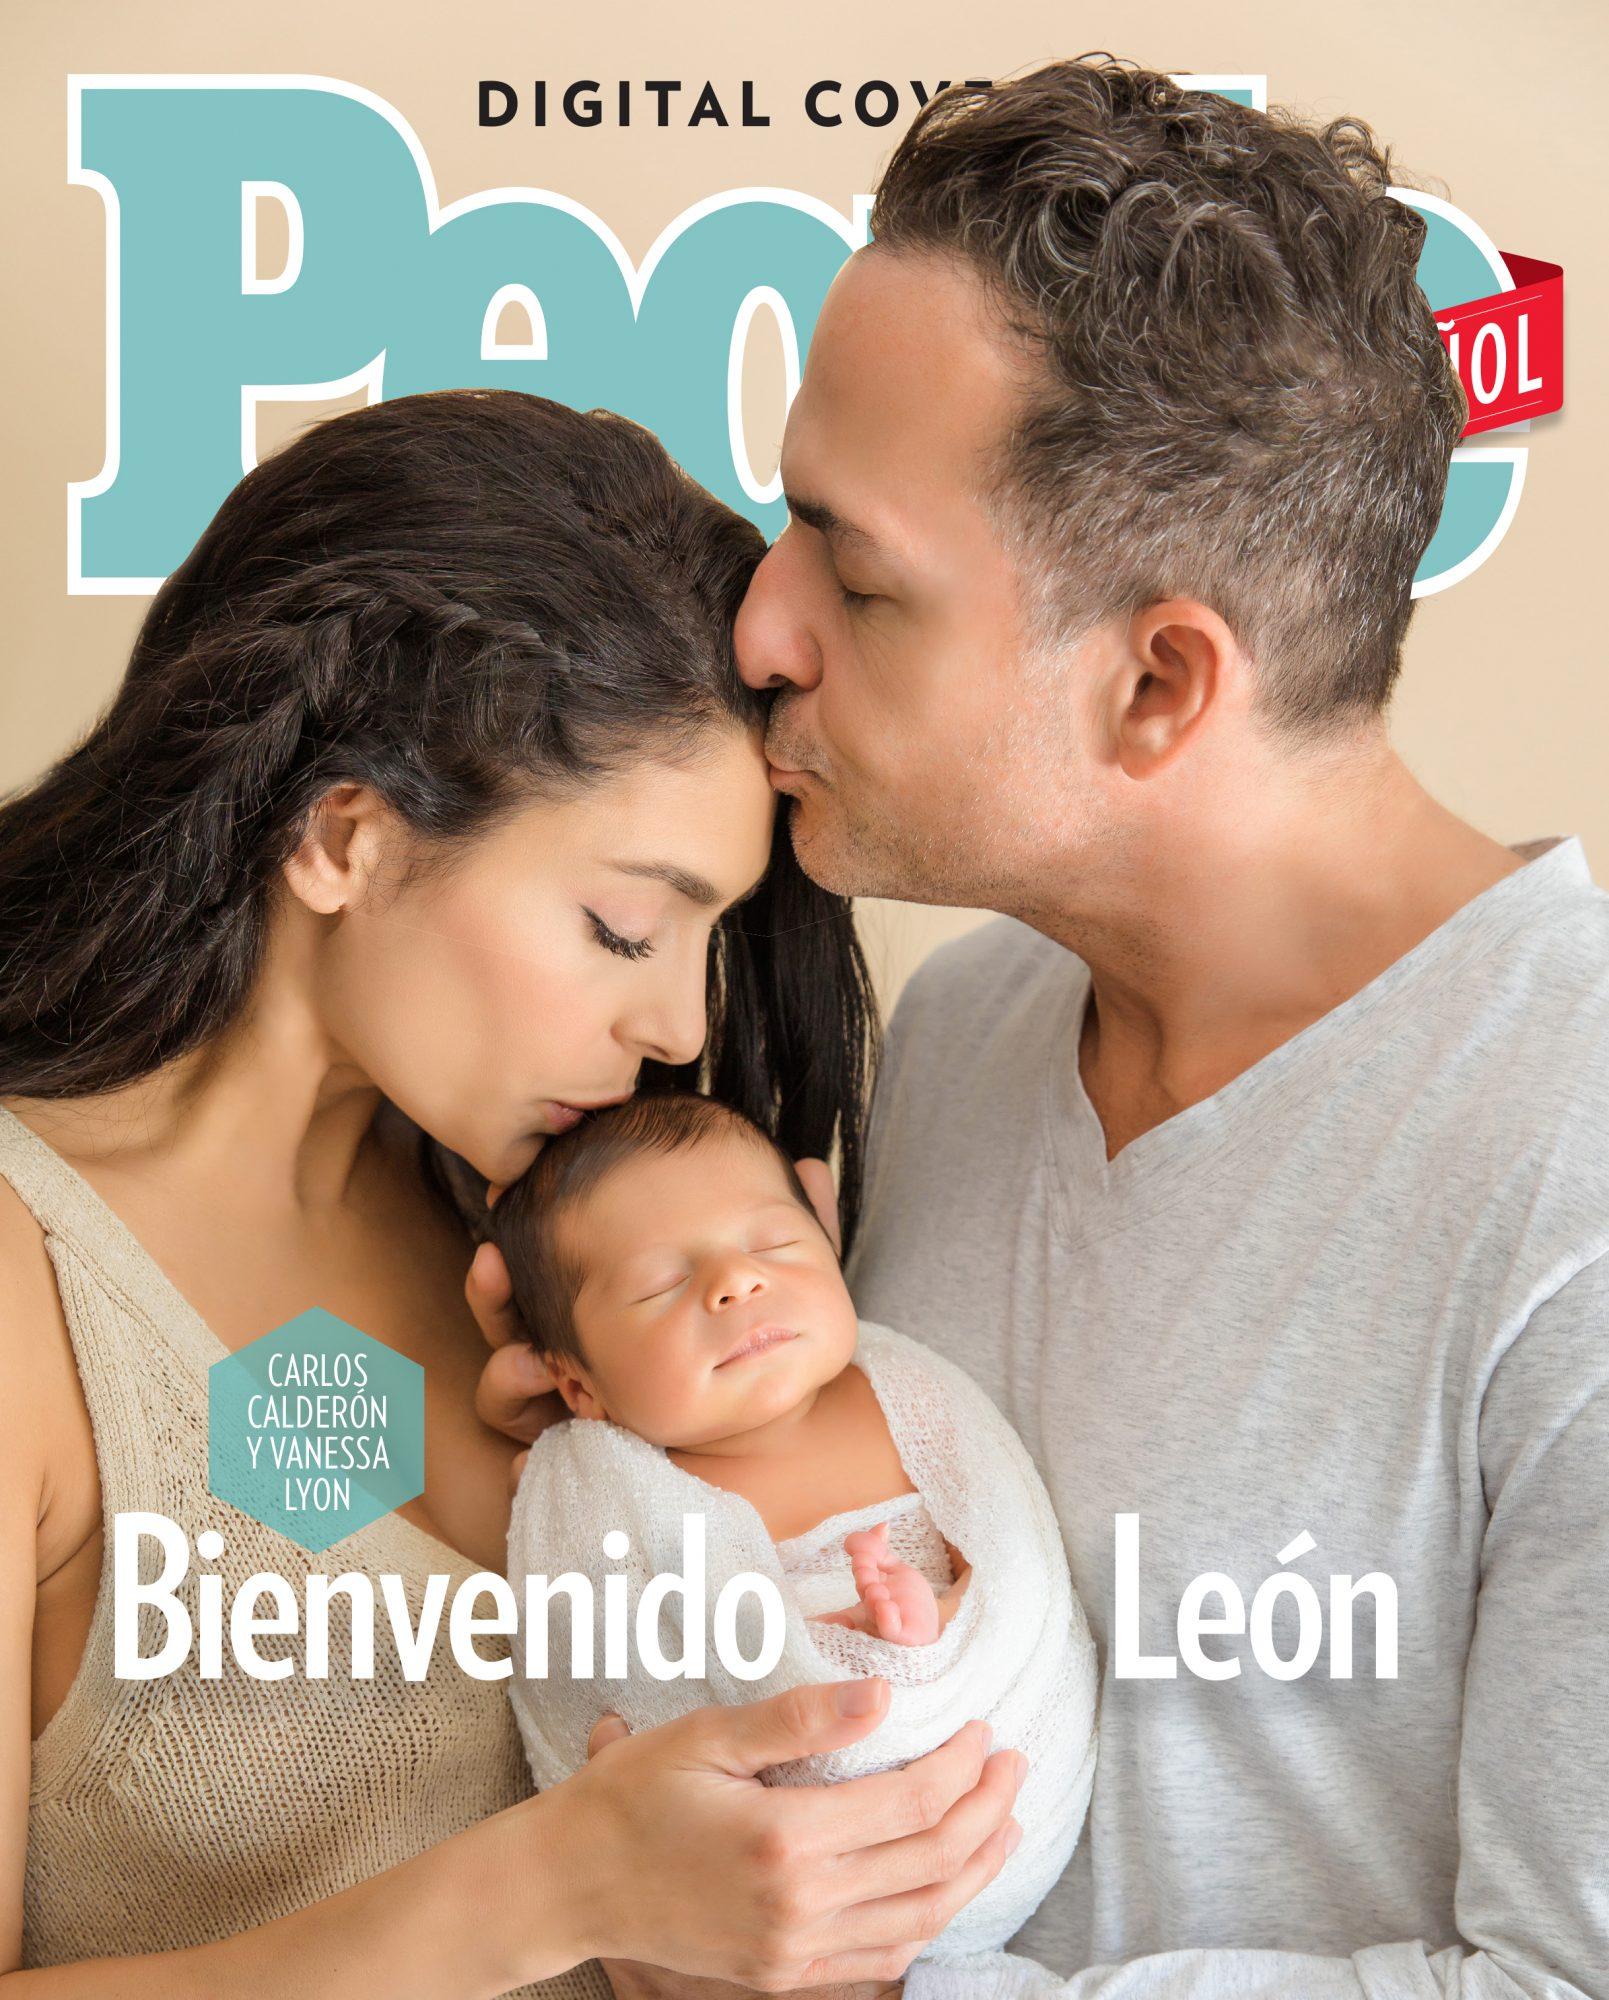 Carlos Calderon, Vanessa Lyon y Leon